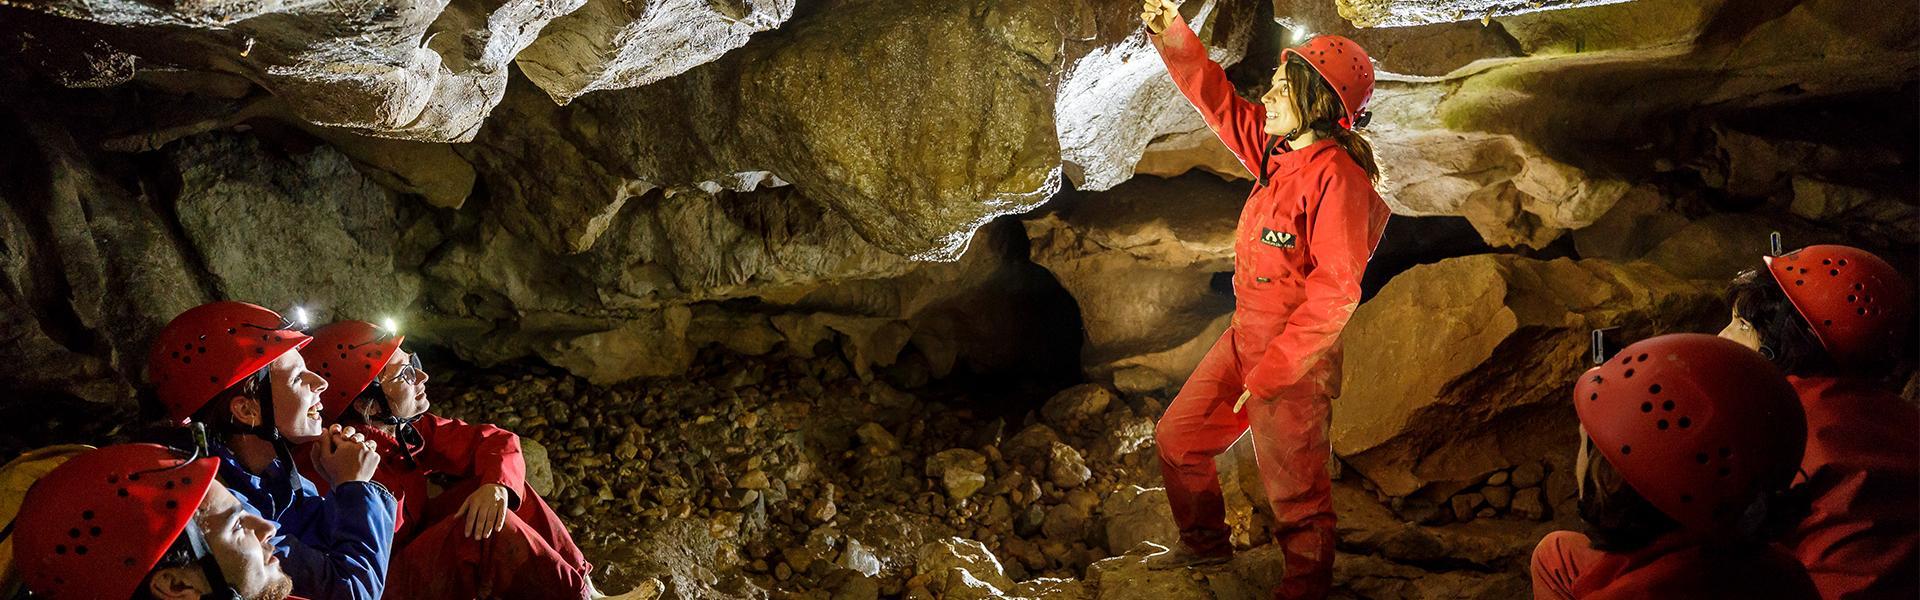 Exploration dans le ventre de l'Ariège